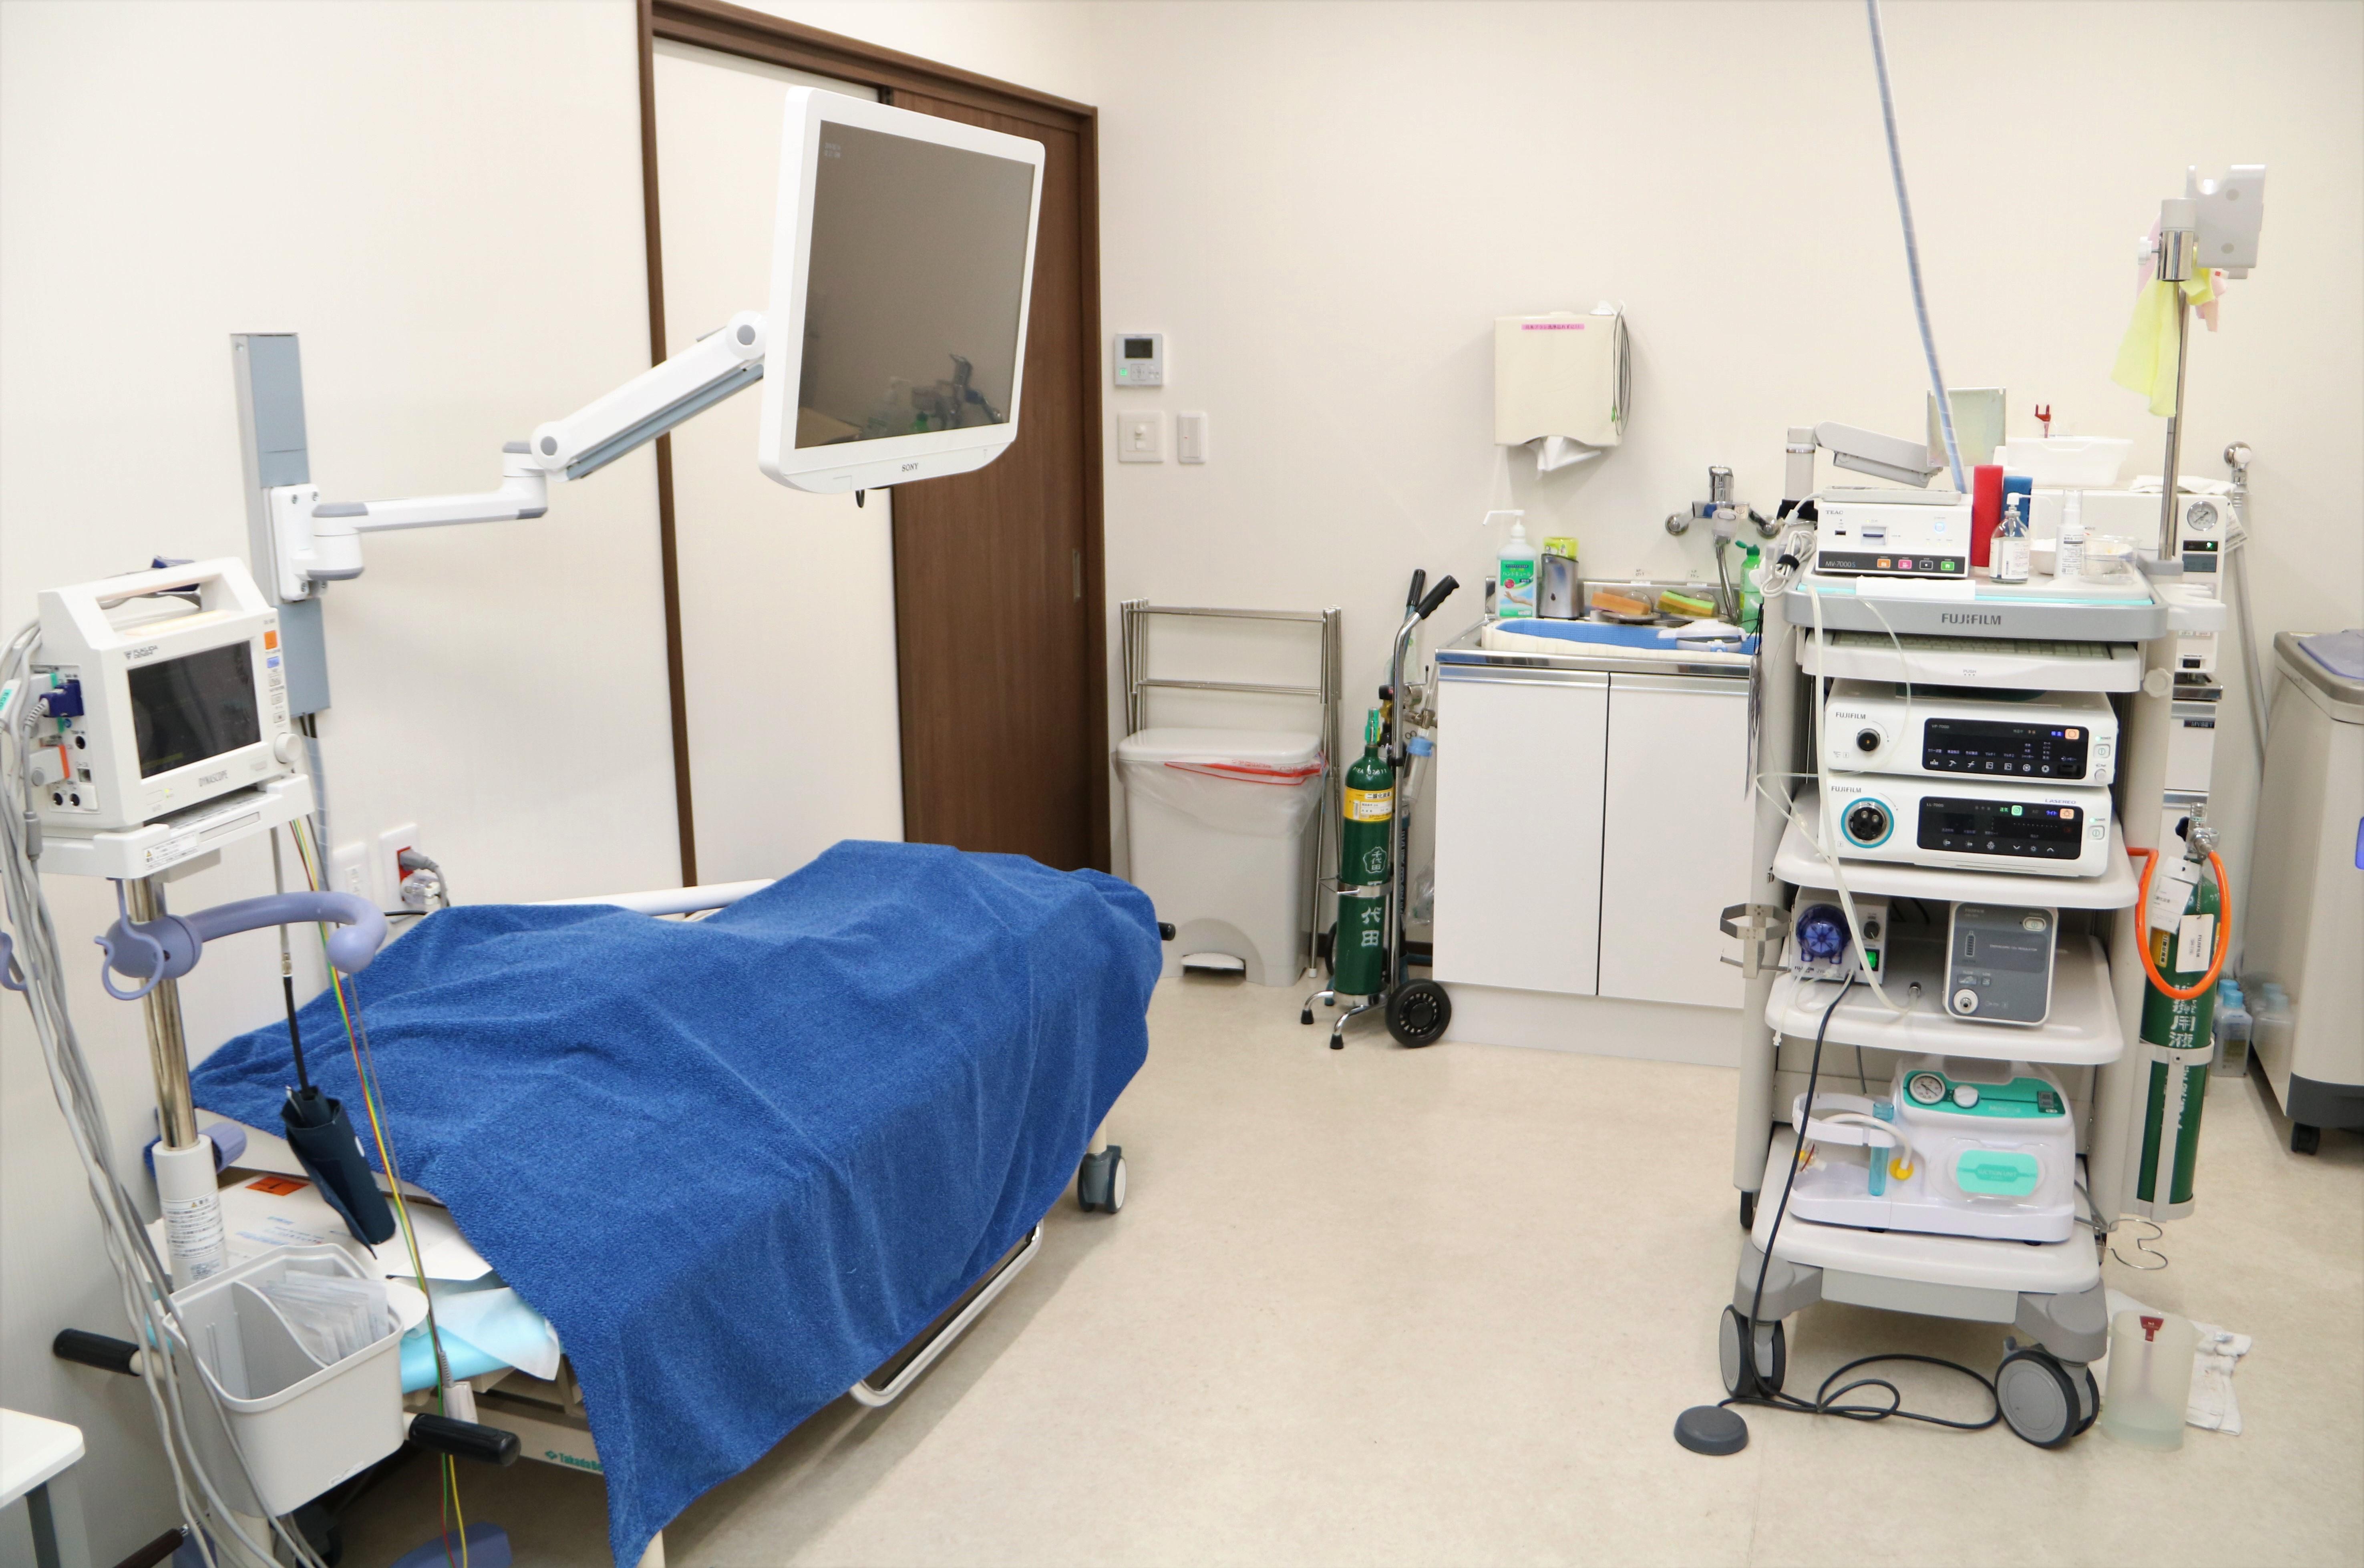 ふしや内科・消化器内科クリニック検査室